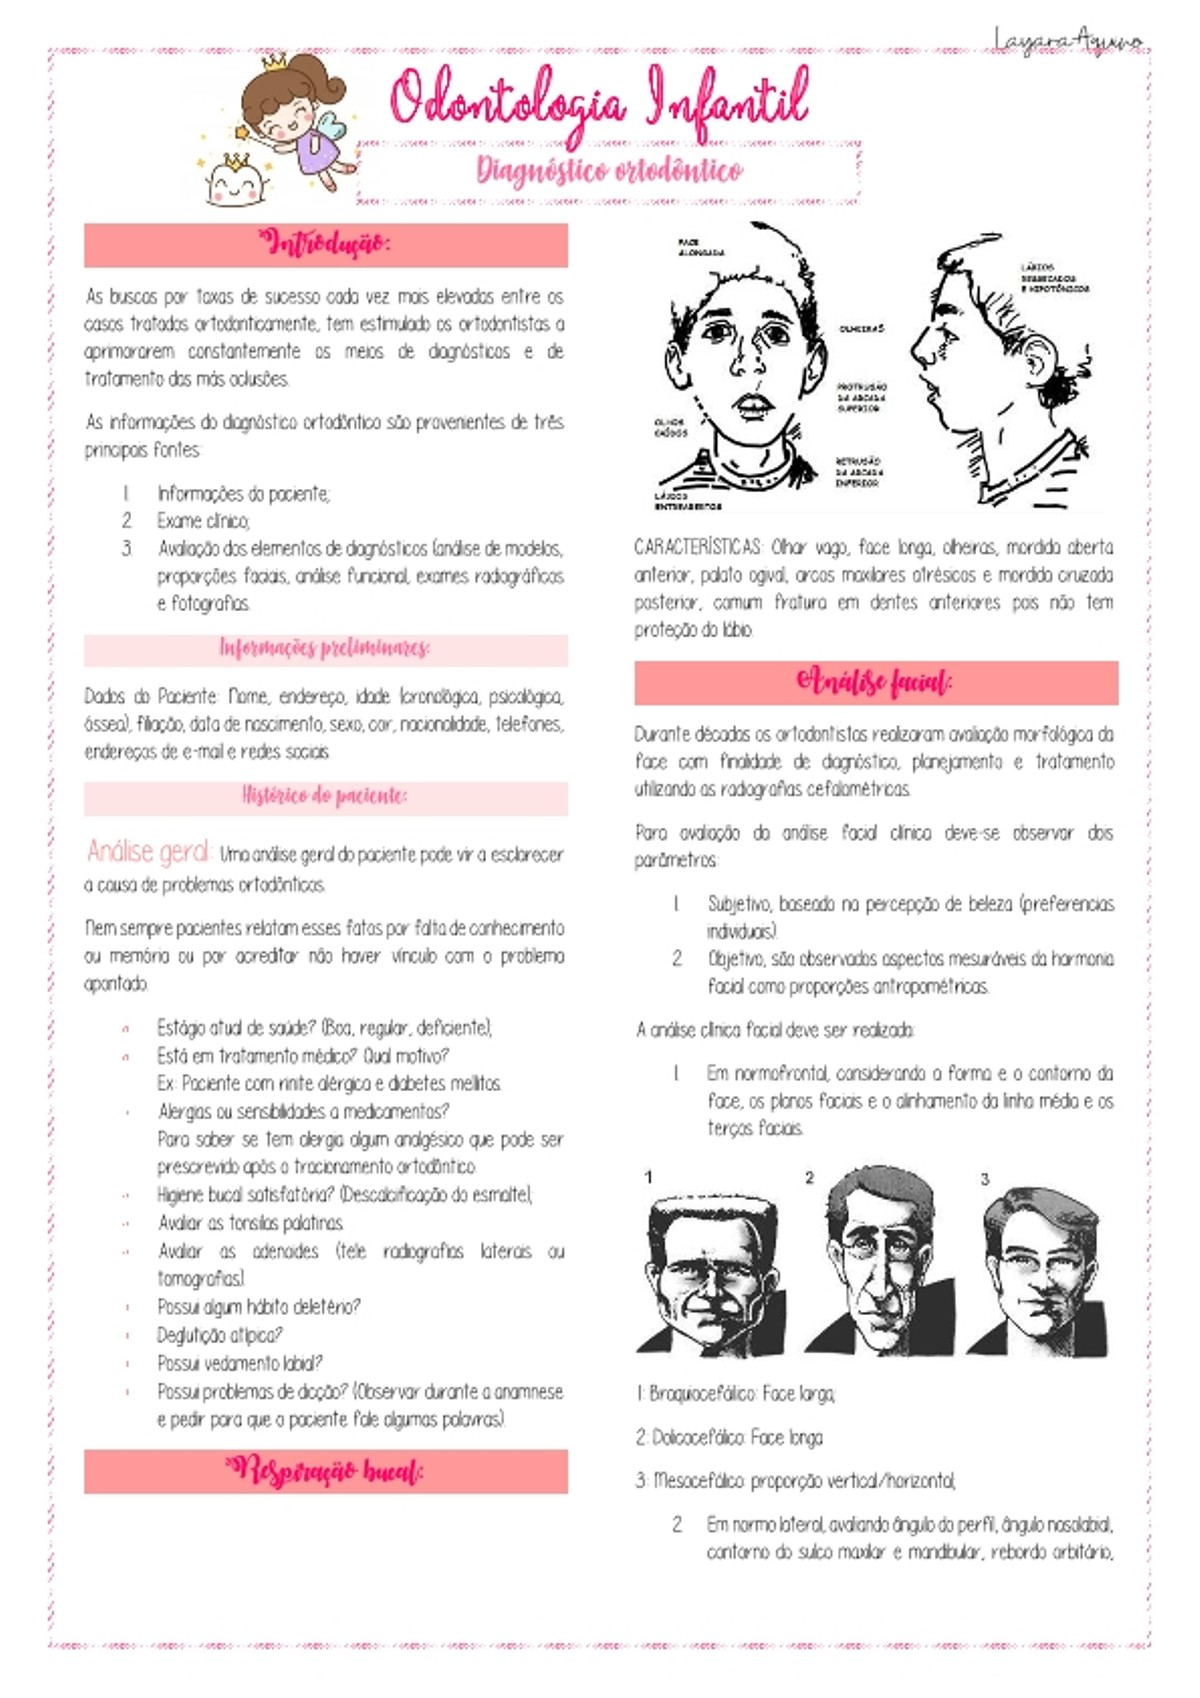 Pre-visualização do material Diagnóstico ortodôntico - página 1